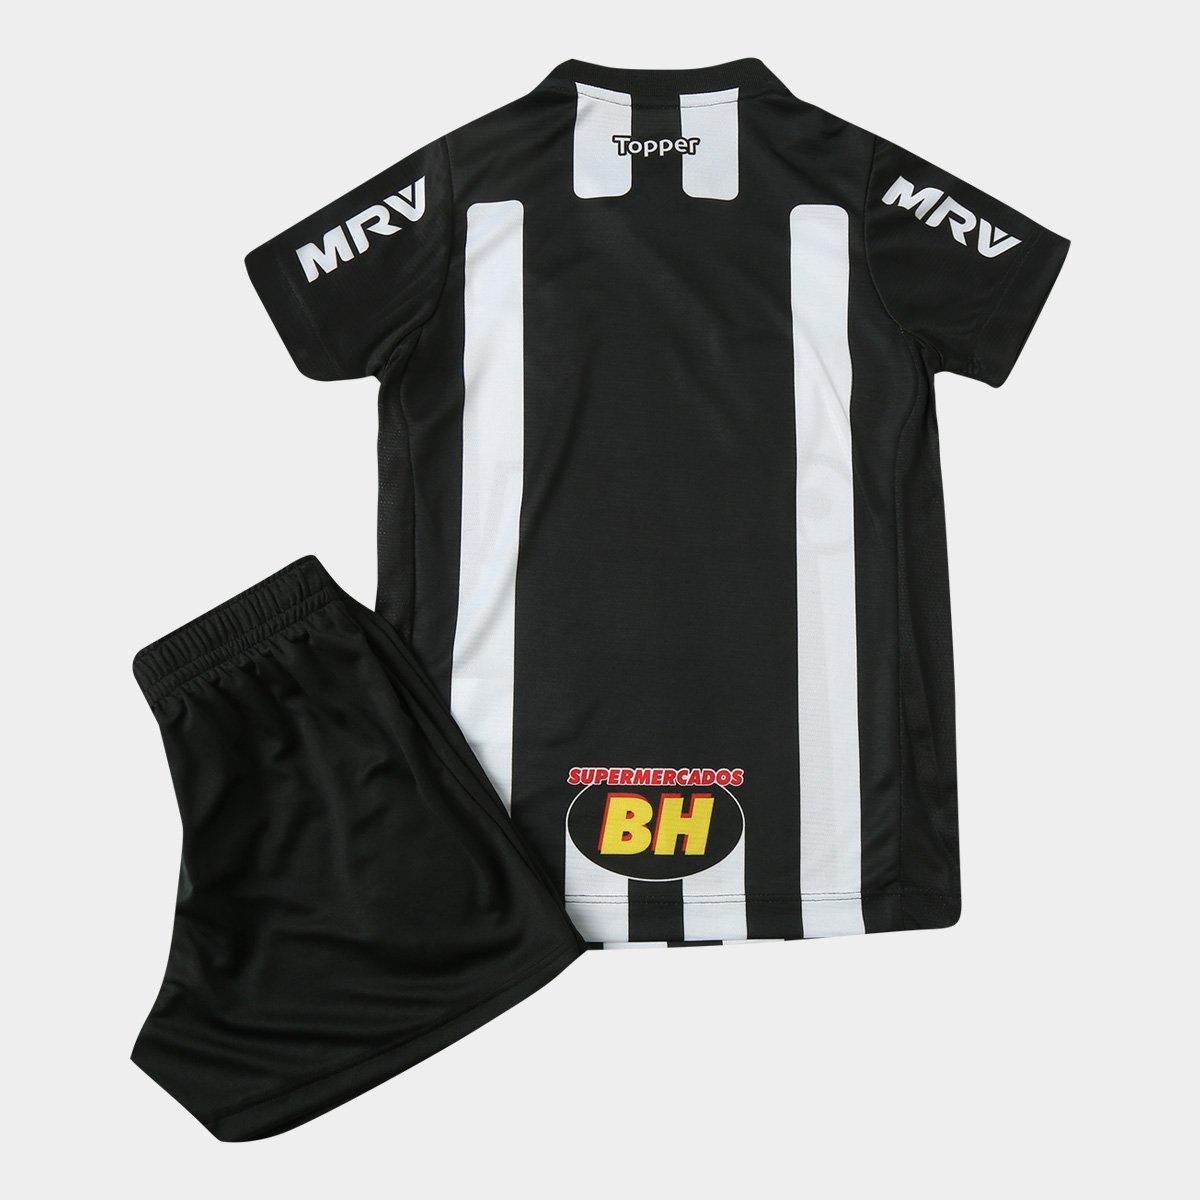 Kit Infantil Atlético-MG I 2018 s n° Torcedor Topper - Compre Agora ... 78fac14cf5d21